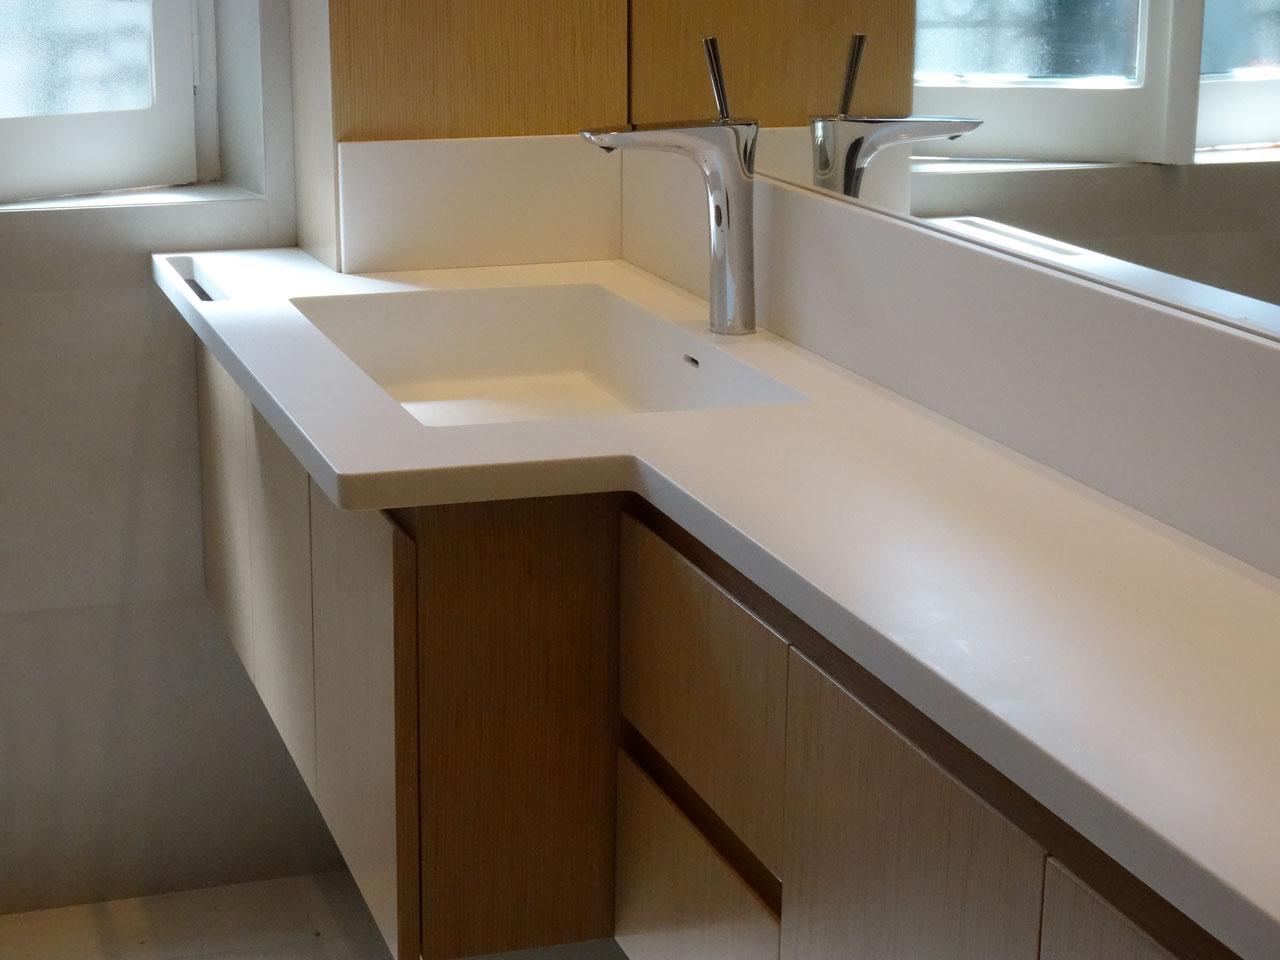 Mobile da bagno con top in dupont corian arco arredo for Mobile lavello bagno